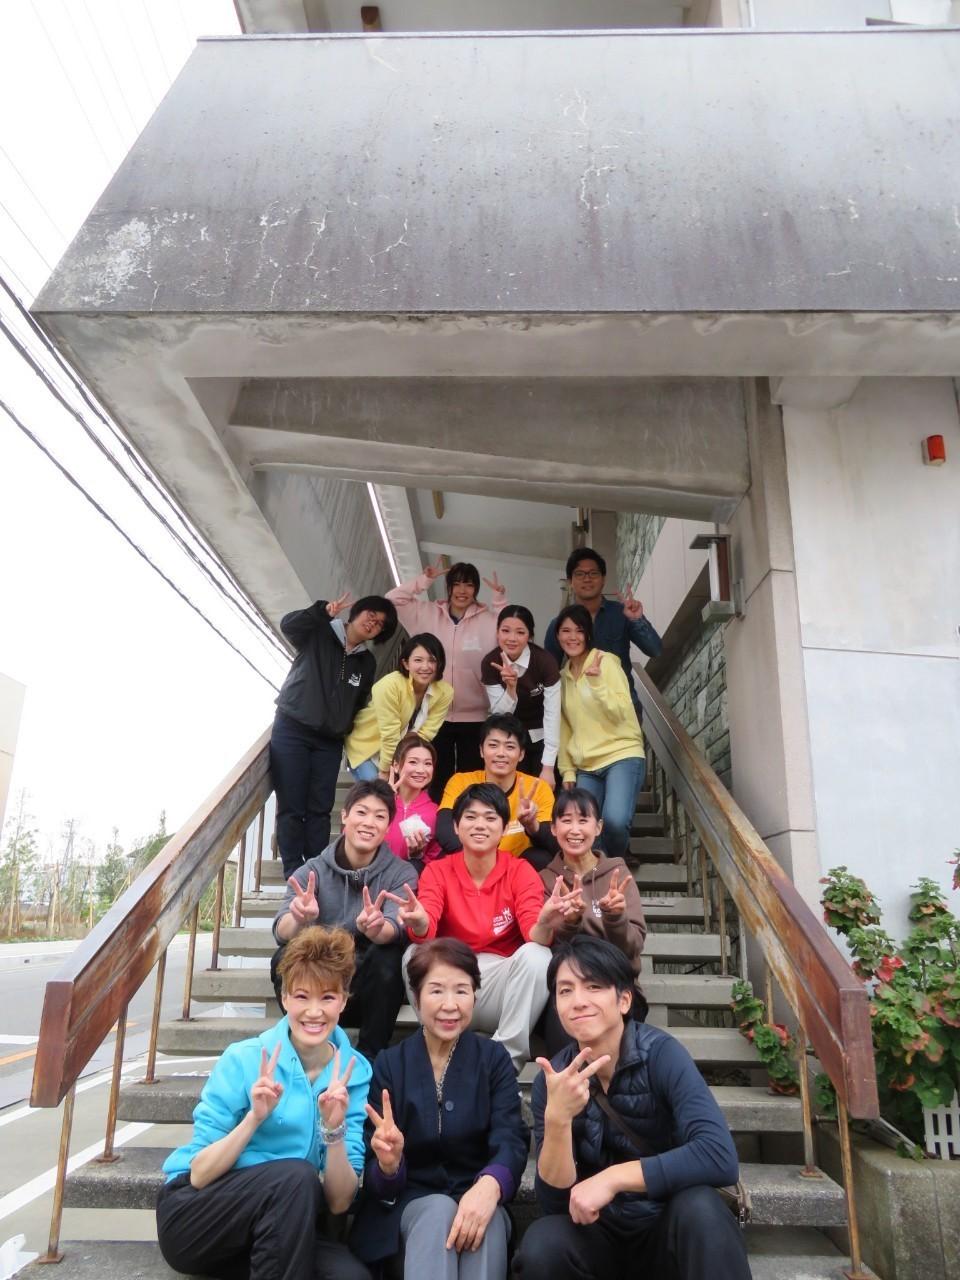 劇団KCM十周年、海南市民会館閉館。感謝をこめて記念コンサート。_b0326483_22171229.jpg